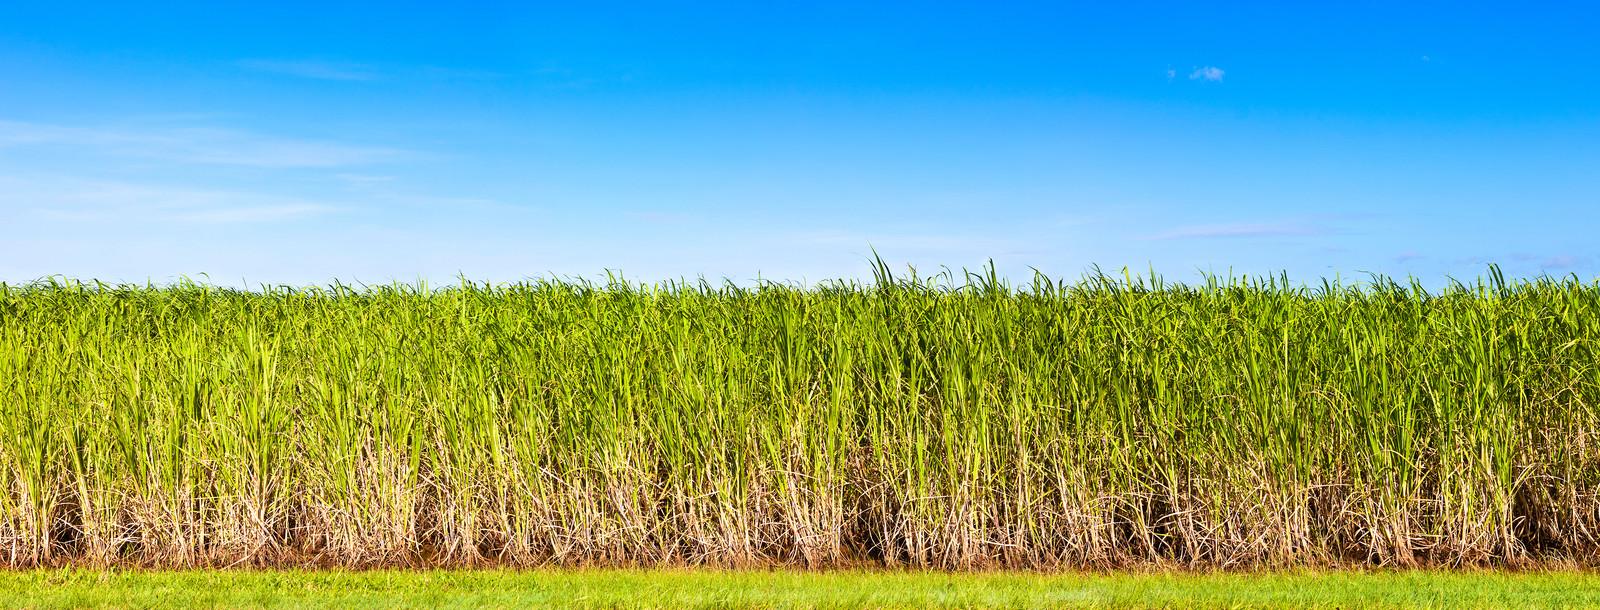 Sugar Cane 1600x610